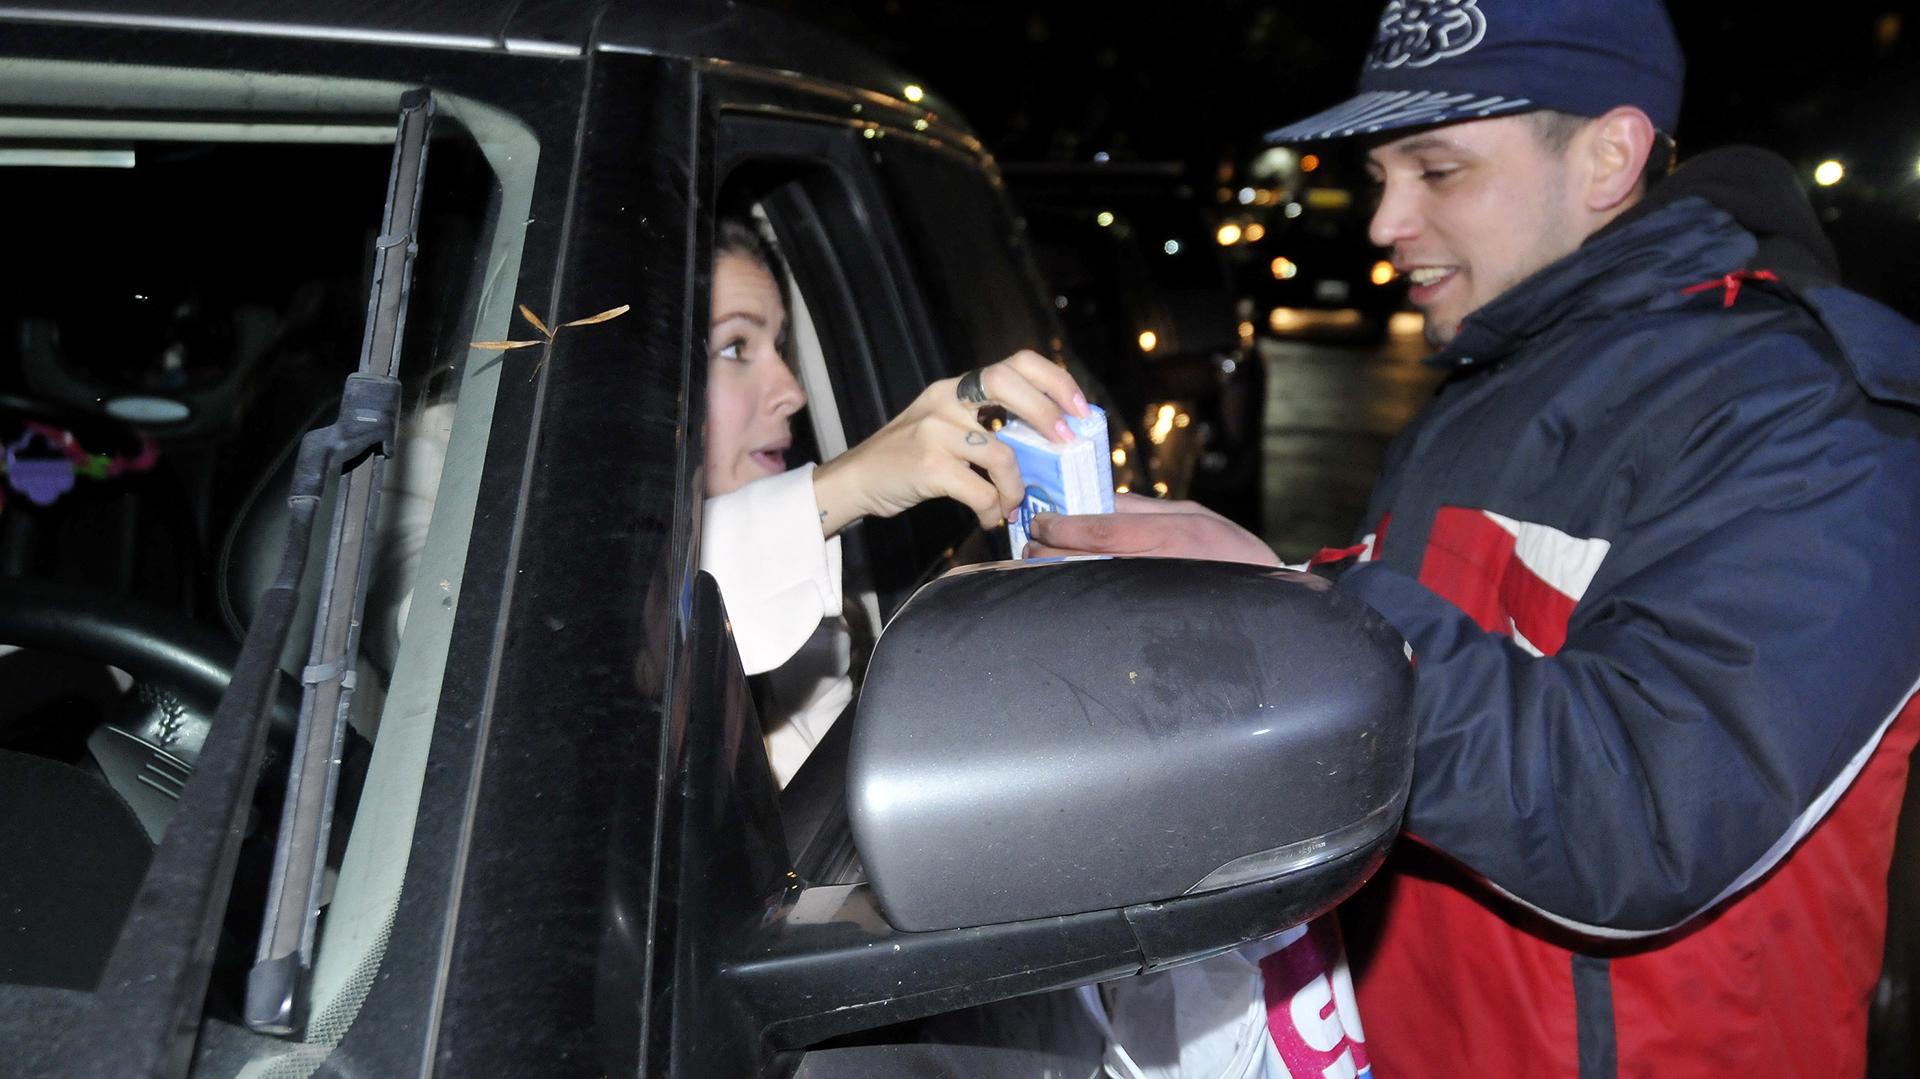 ¡Y le dejó una propina muy generosa! Bien por ella (Fotos: Teleshow)